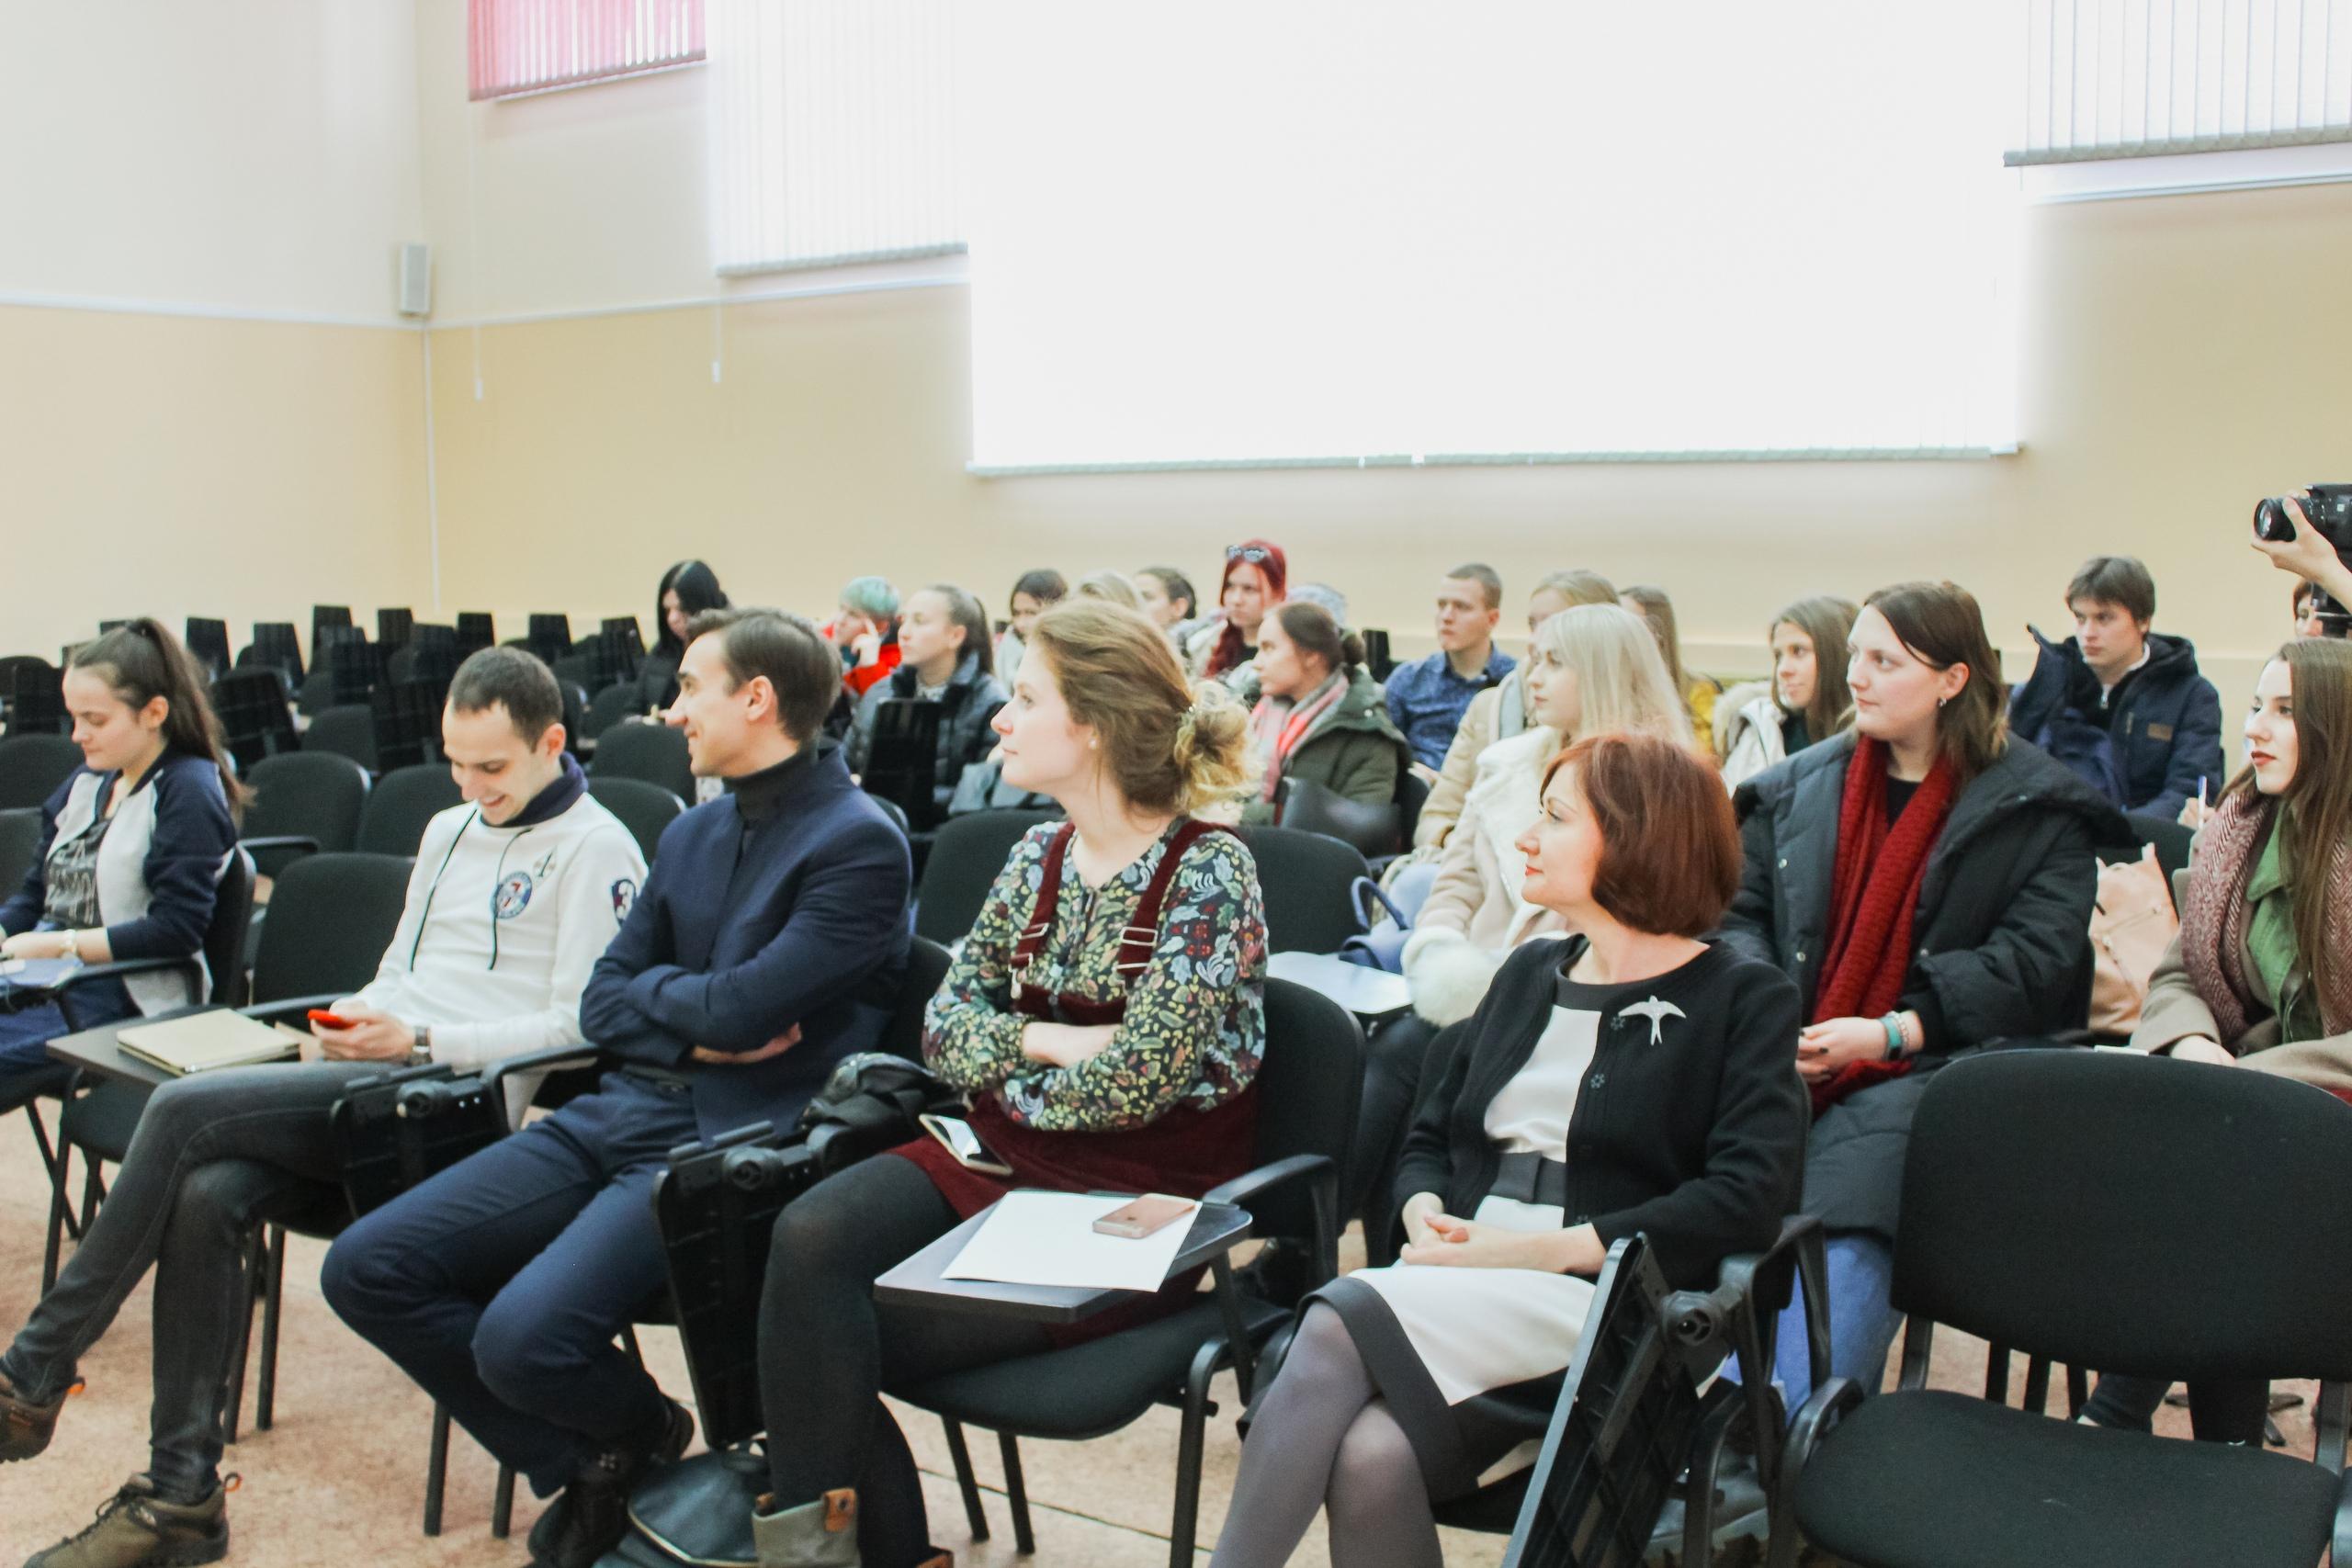 МЕДИА-ЧАС с директором Центра маркетинга Андреем Прохоровым